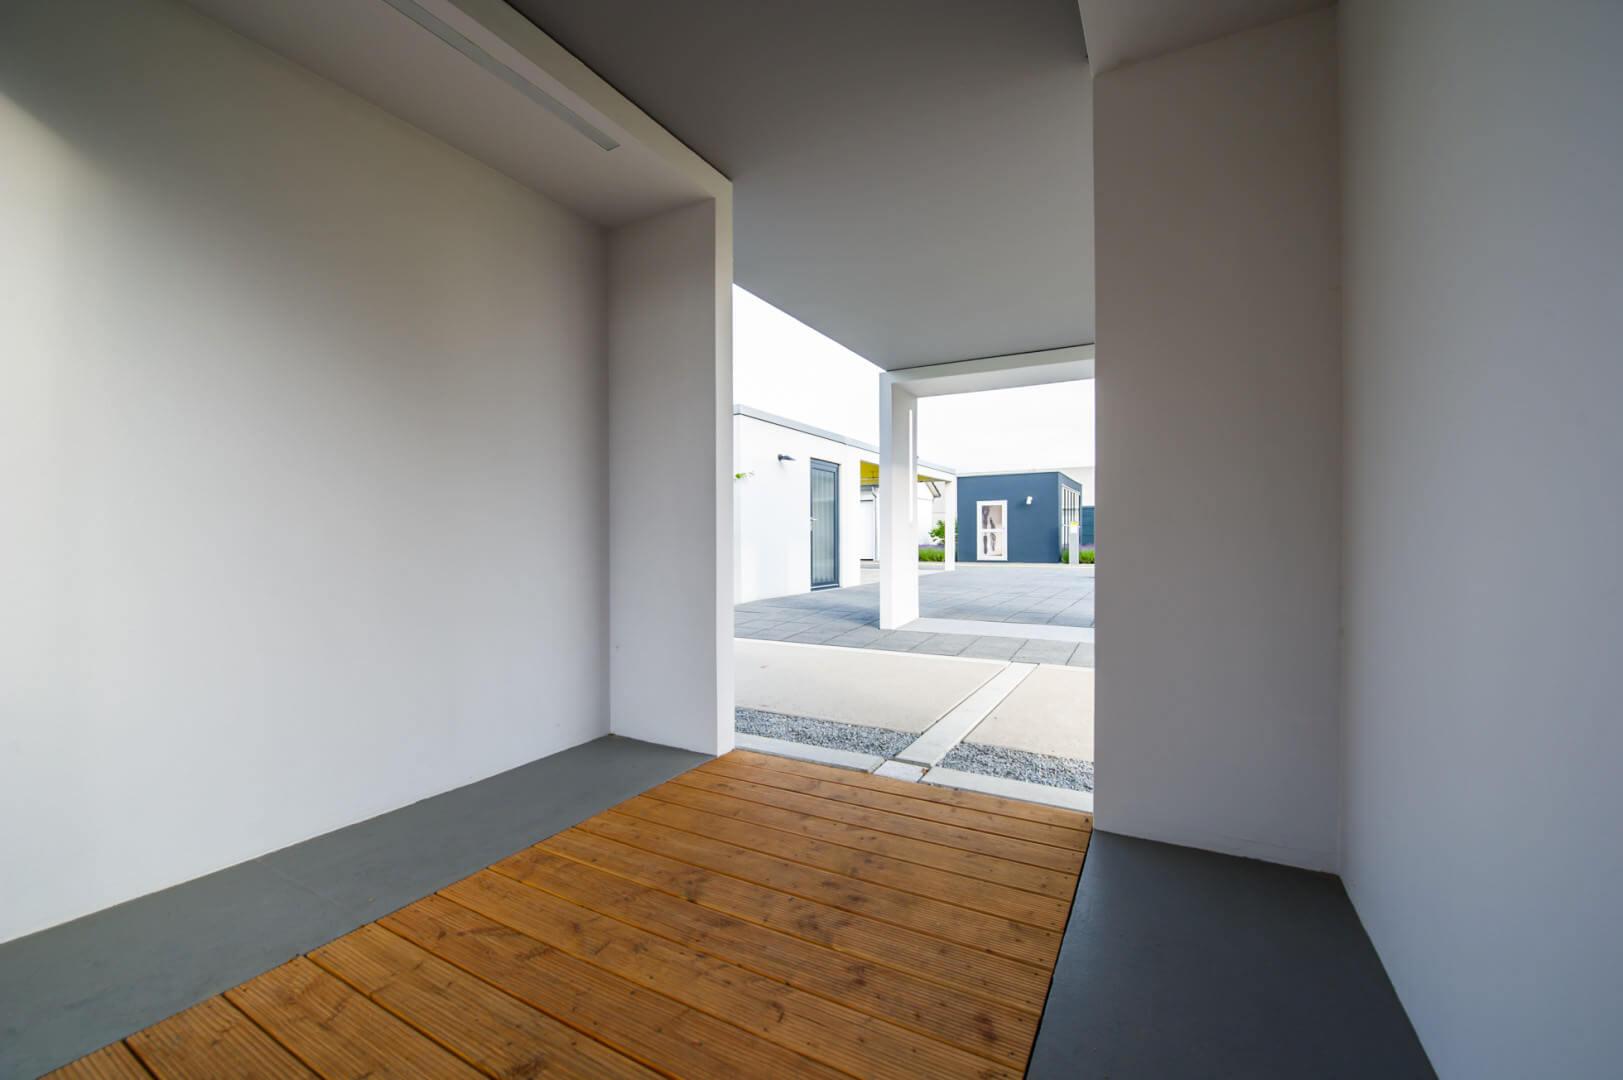 Fertiggarage beton roh  Design-Garage - Garagen-Programm